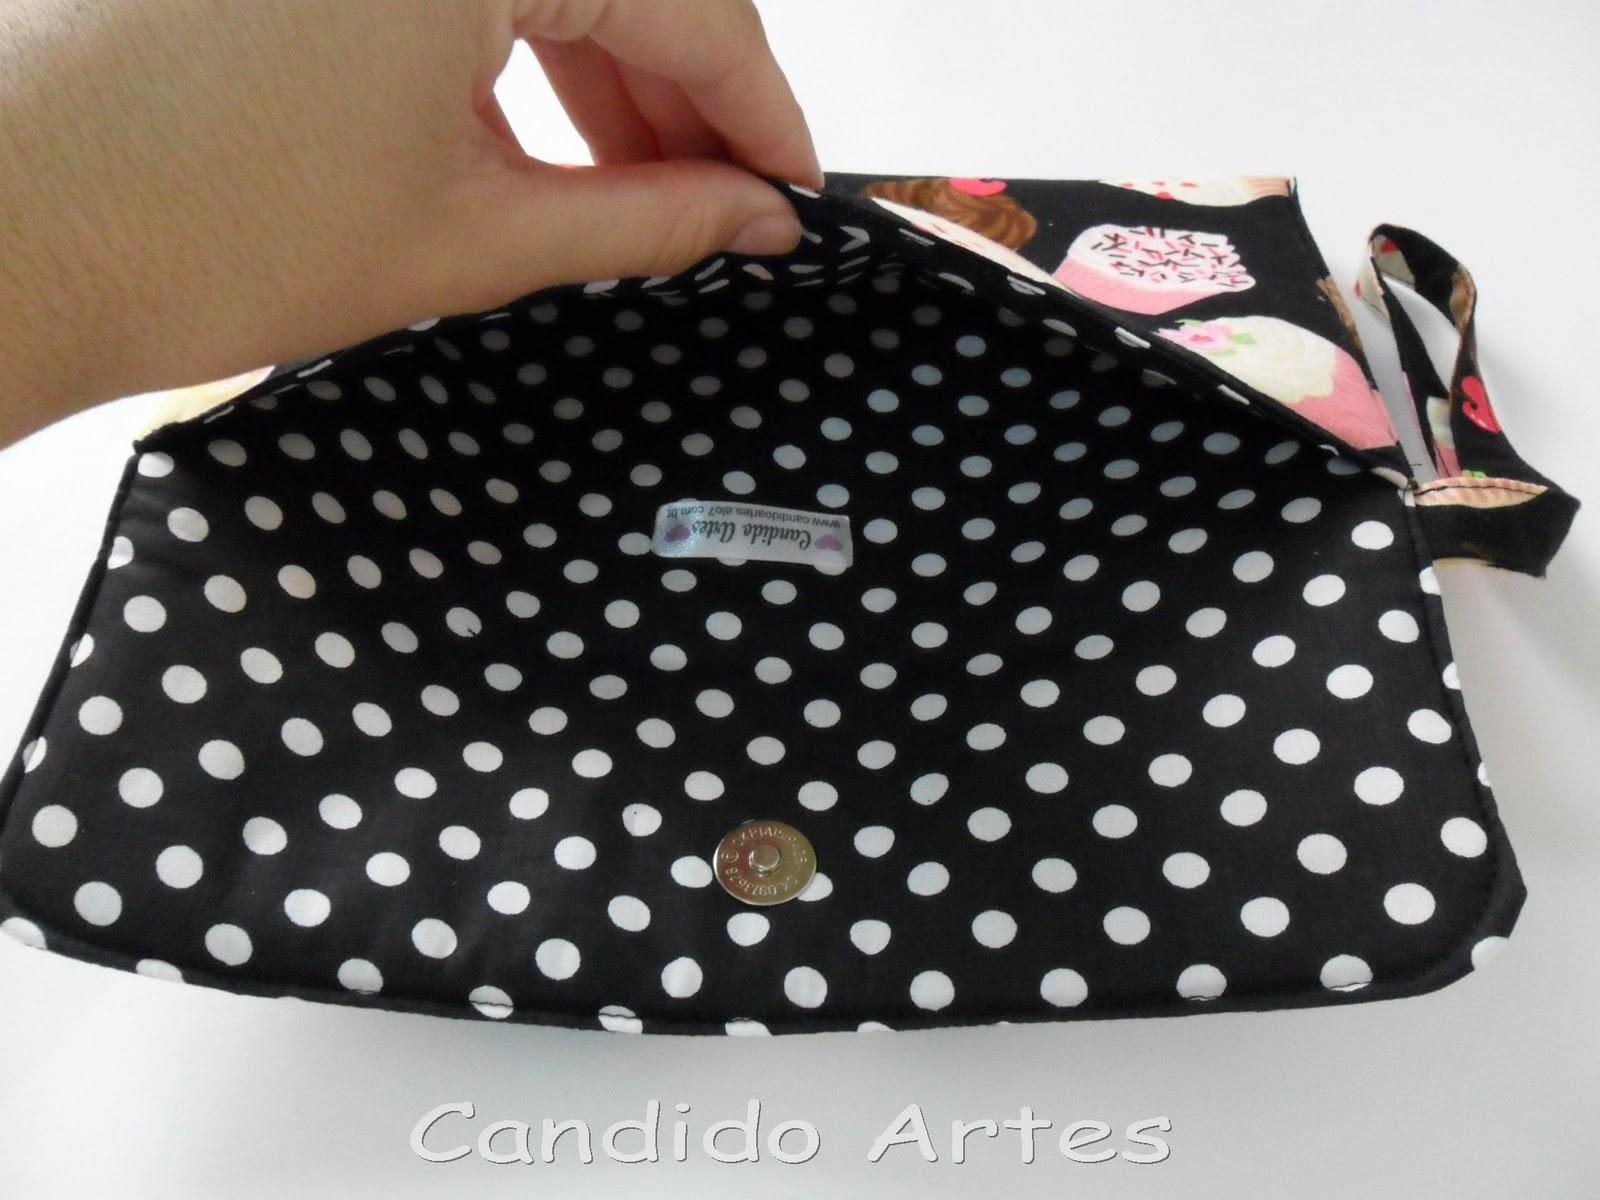 Bolsa De Mão Artesanal Passo A Passo : Artesanato candido artes bolsa de m?o carteira tecido